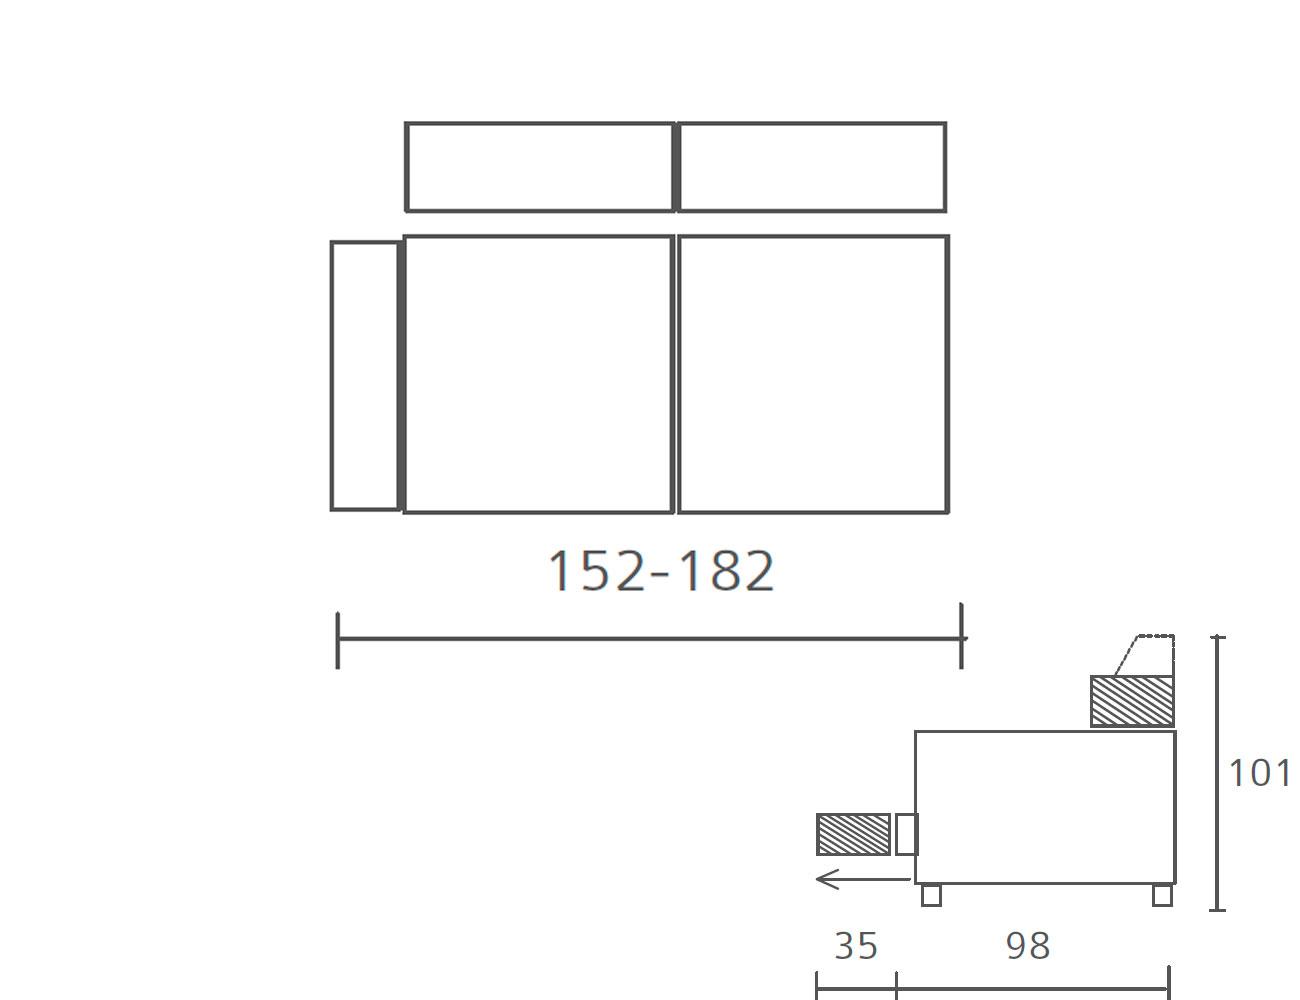 Modulo con 1 brazo 152 1827